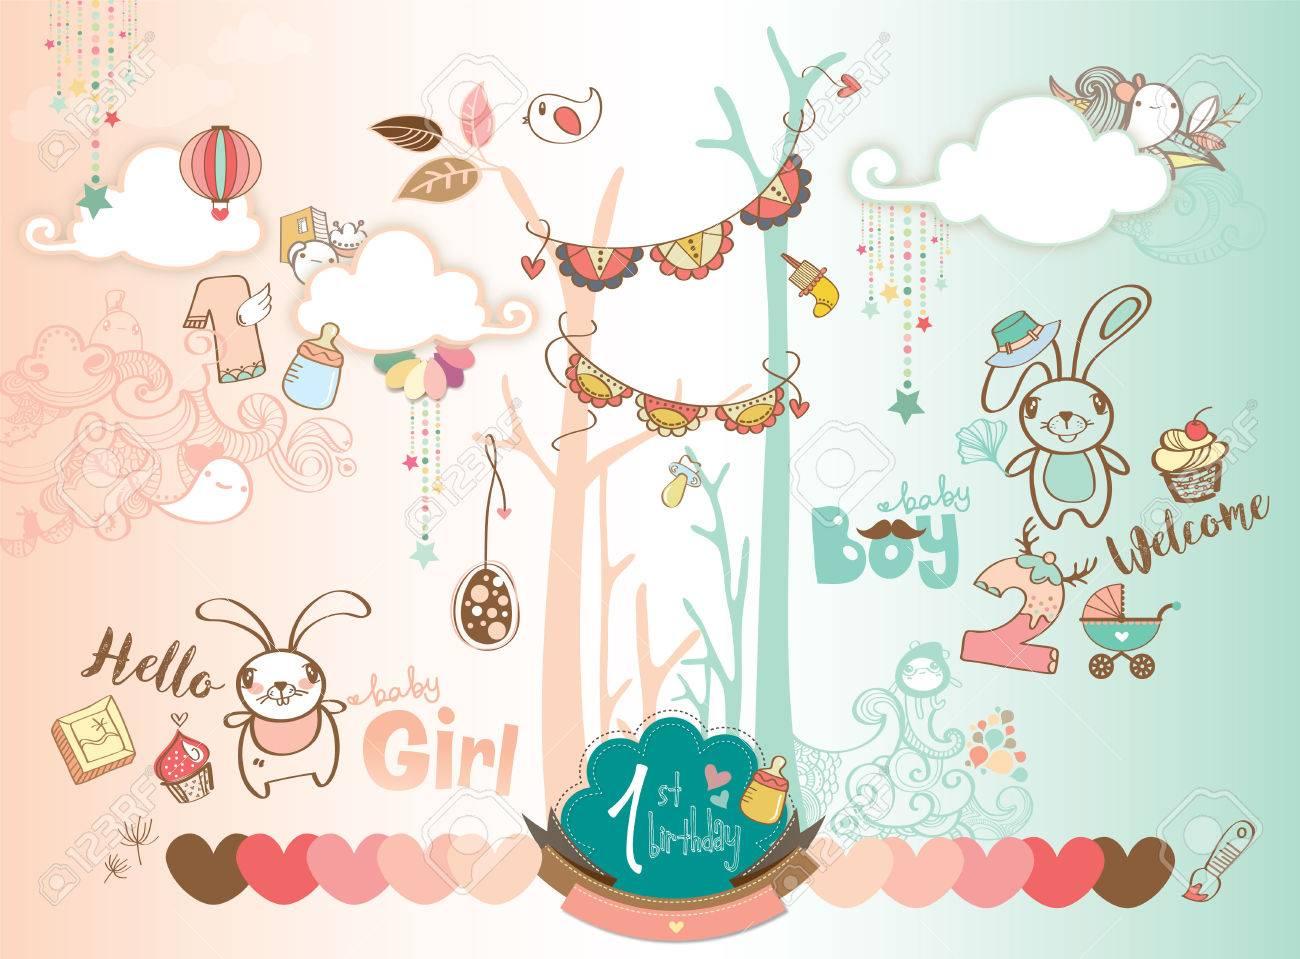 Cute Baby Boy Und Madchen 1 Geburtstag Feier Hintergrund Design